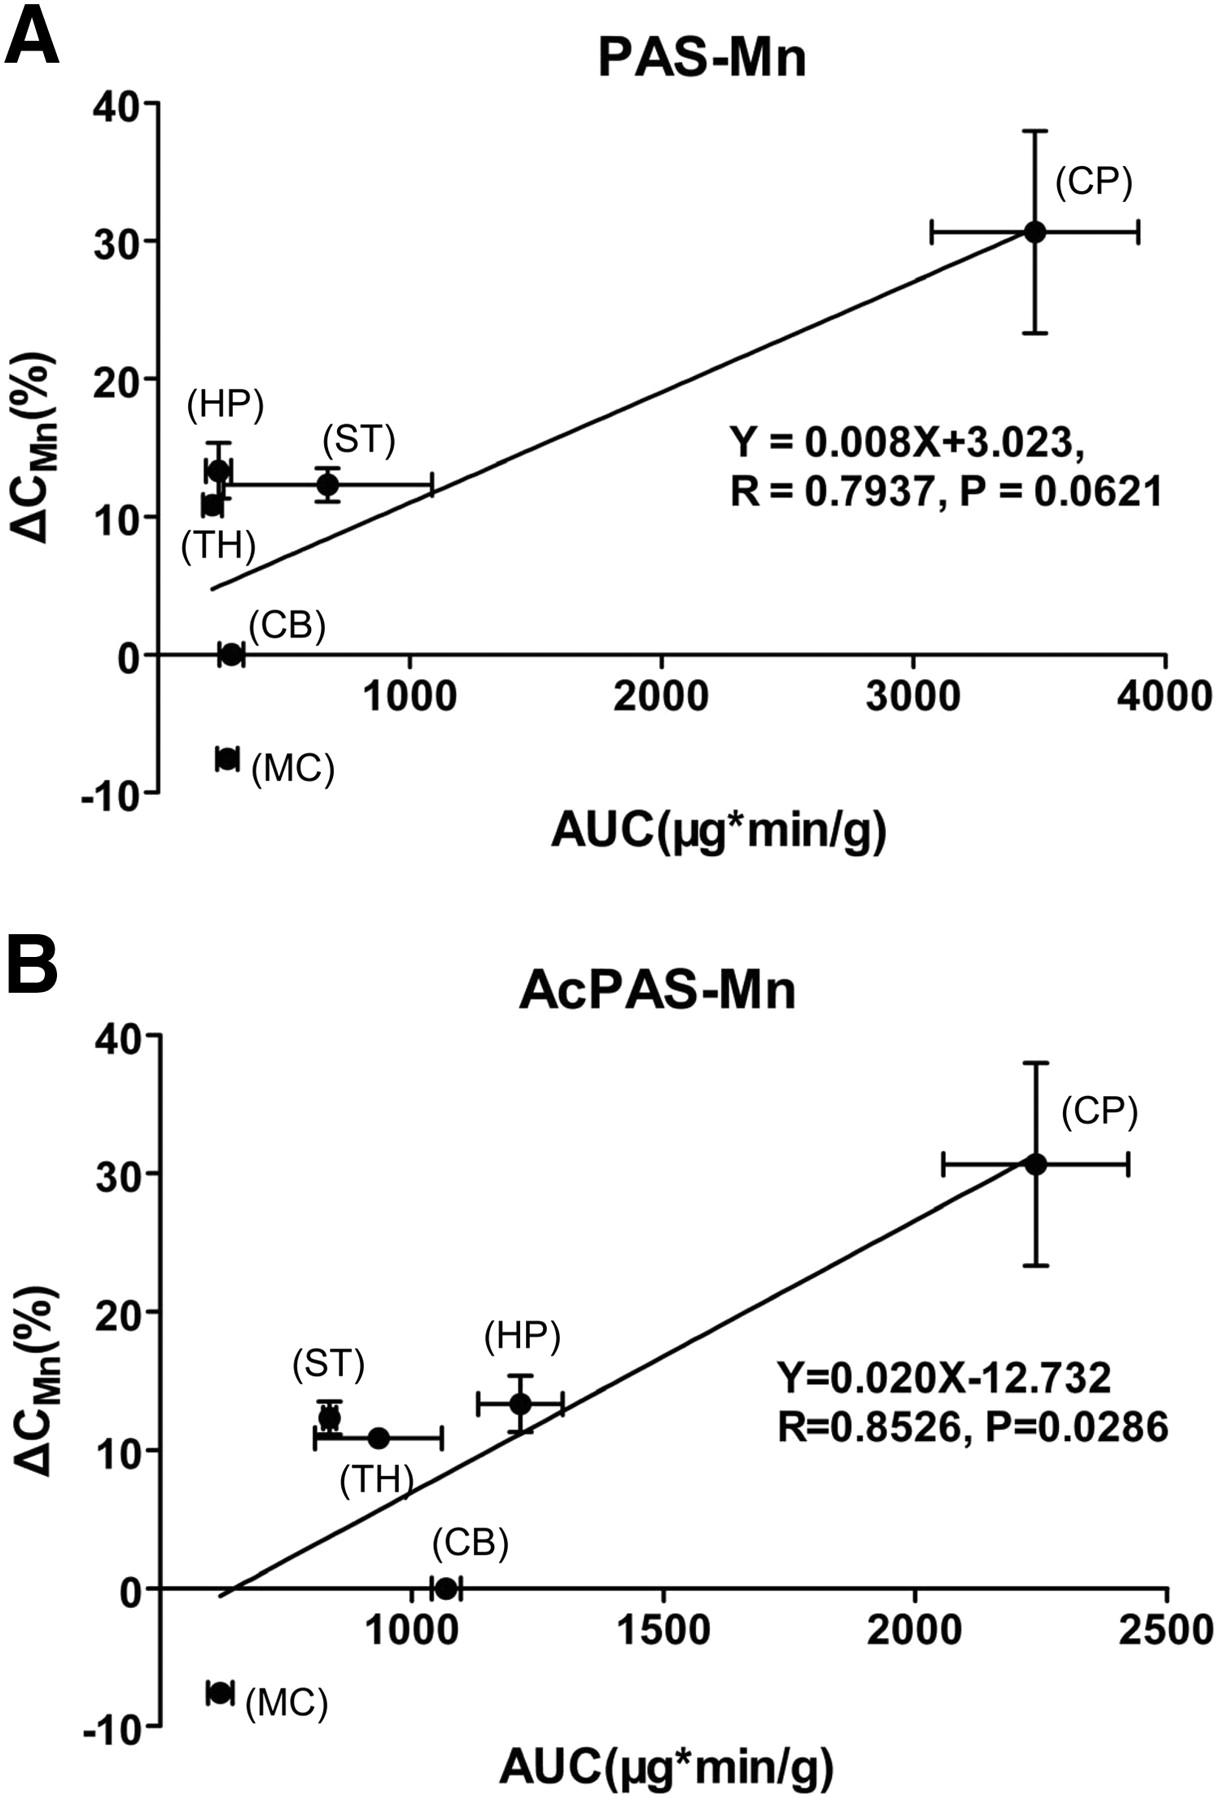 Brain Regional Pharmacokinetics of p-Aminosalicylic Acid and